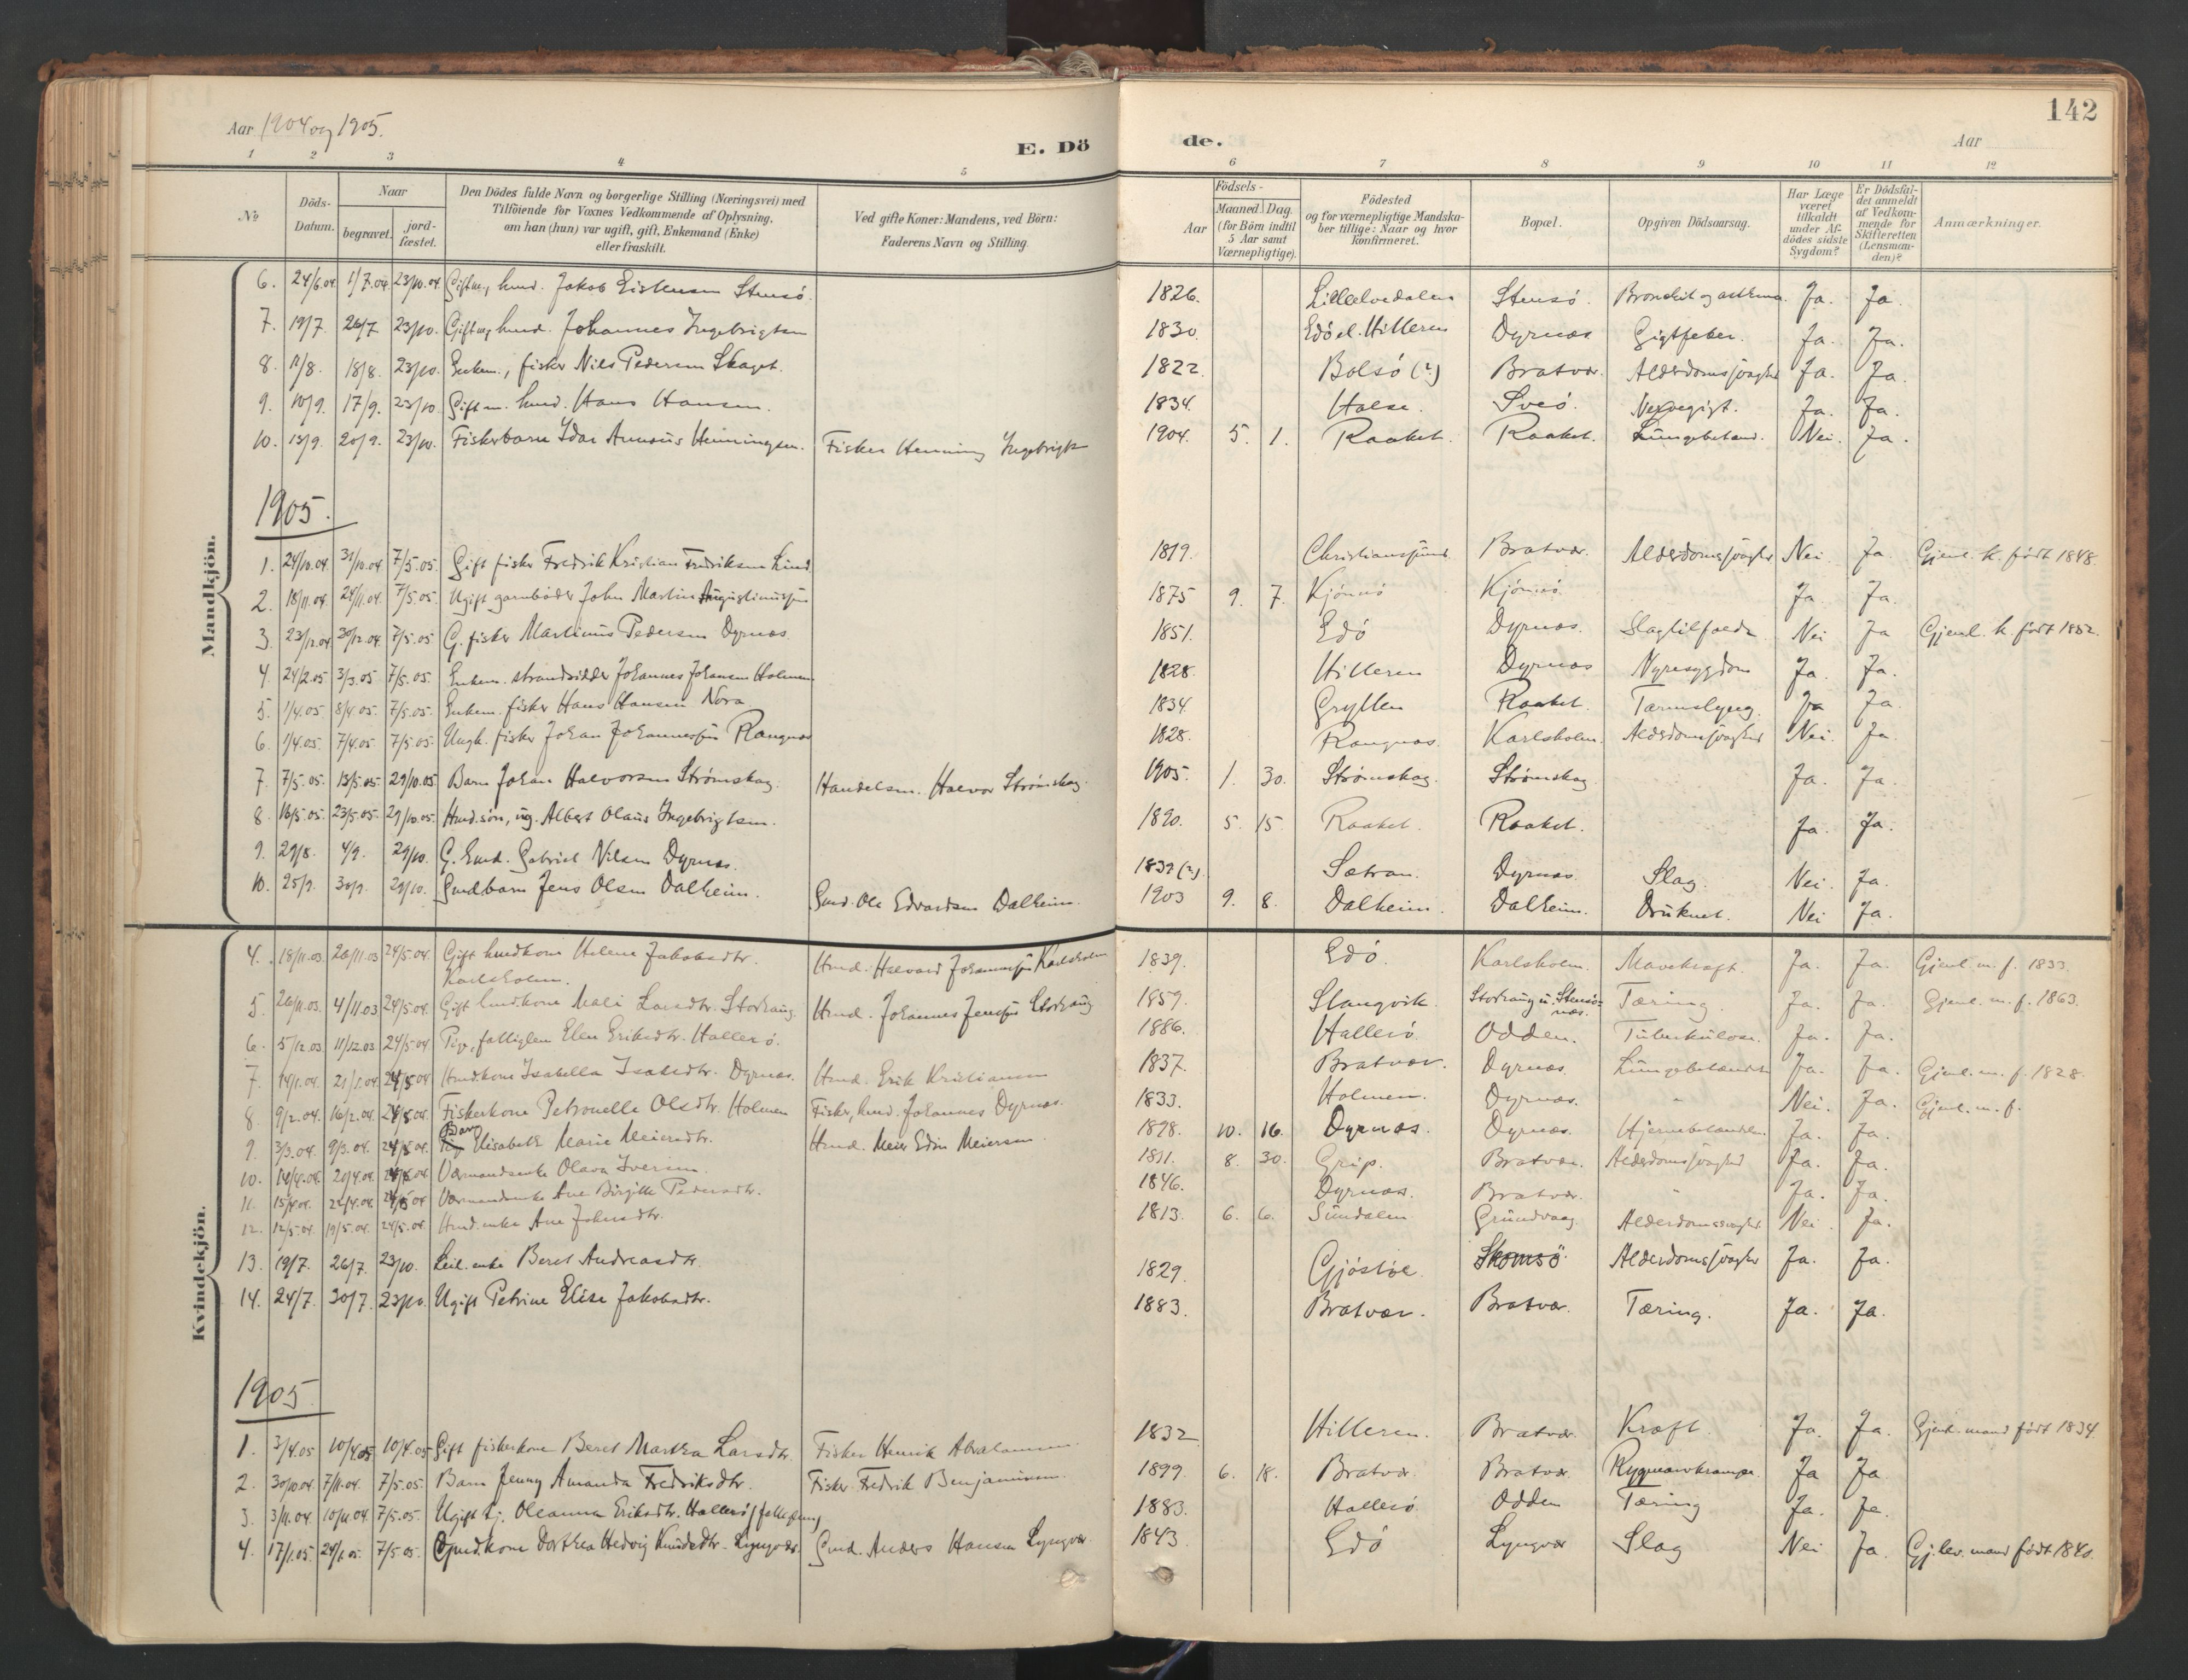 SAT, Ministerialprotokoller, klokkerbøker og fødselsregistre - Møre og Romsdal, 582/L0948: Ministerialbok nr. 582A02, 1901-1922, s. 142